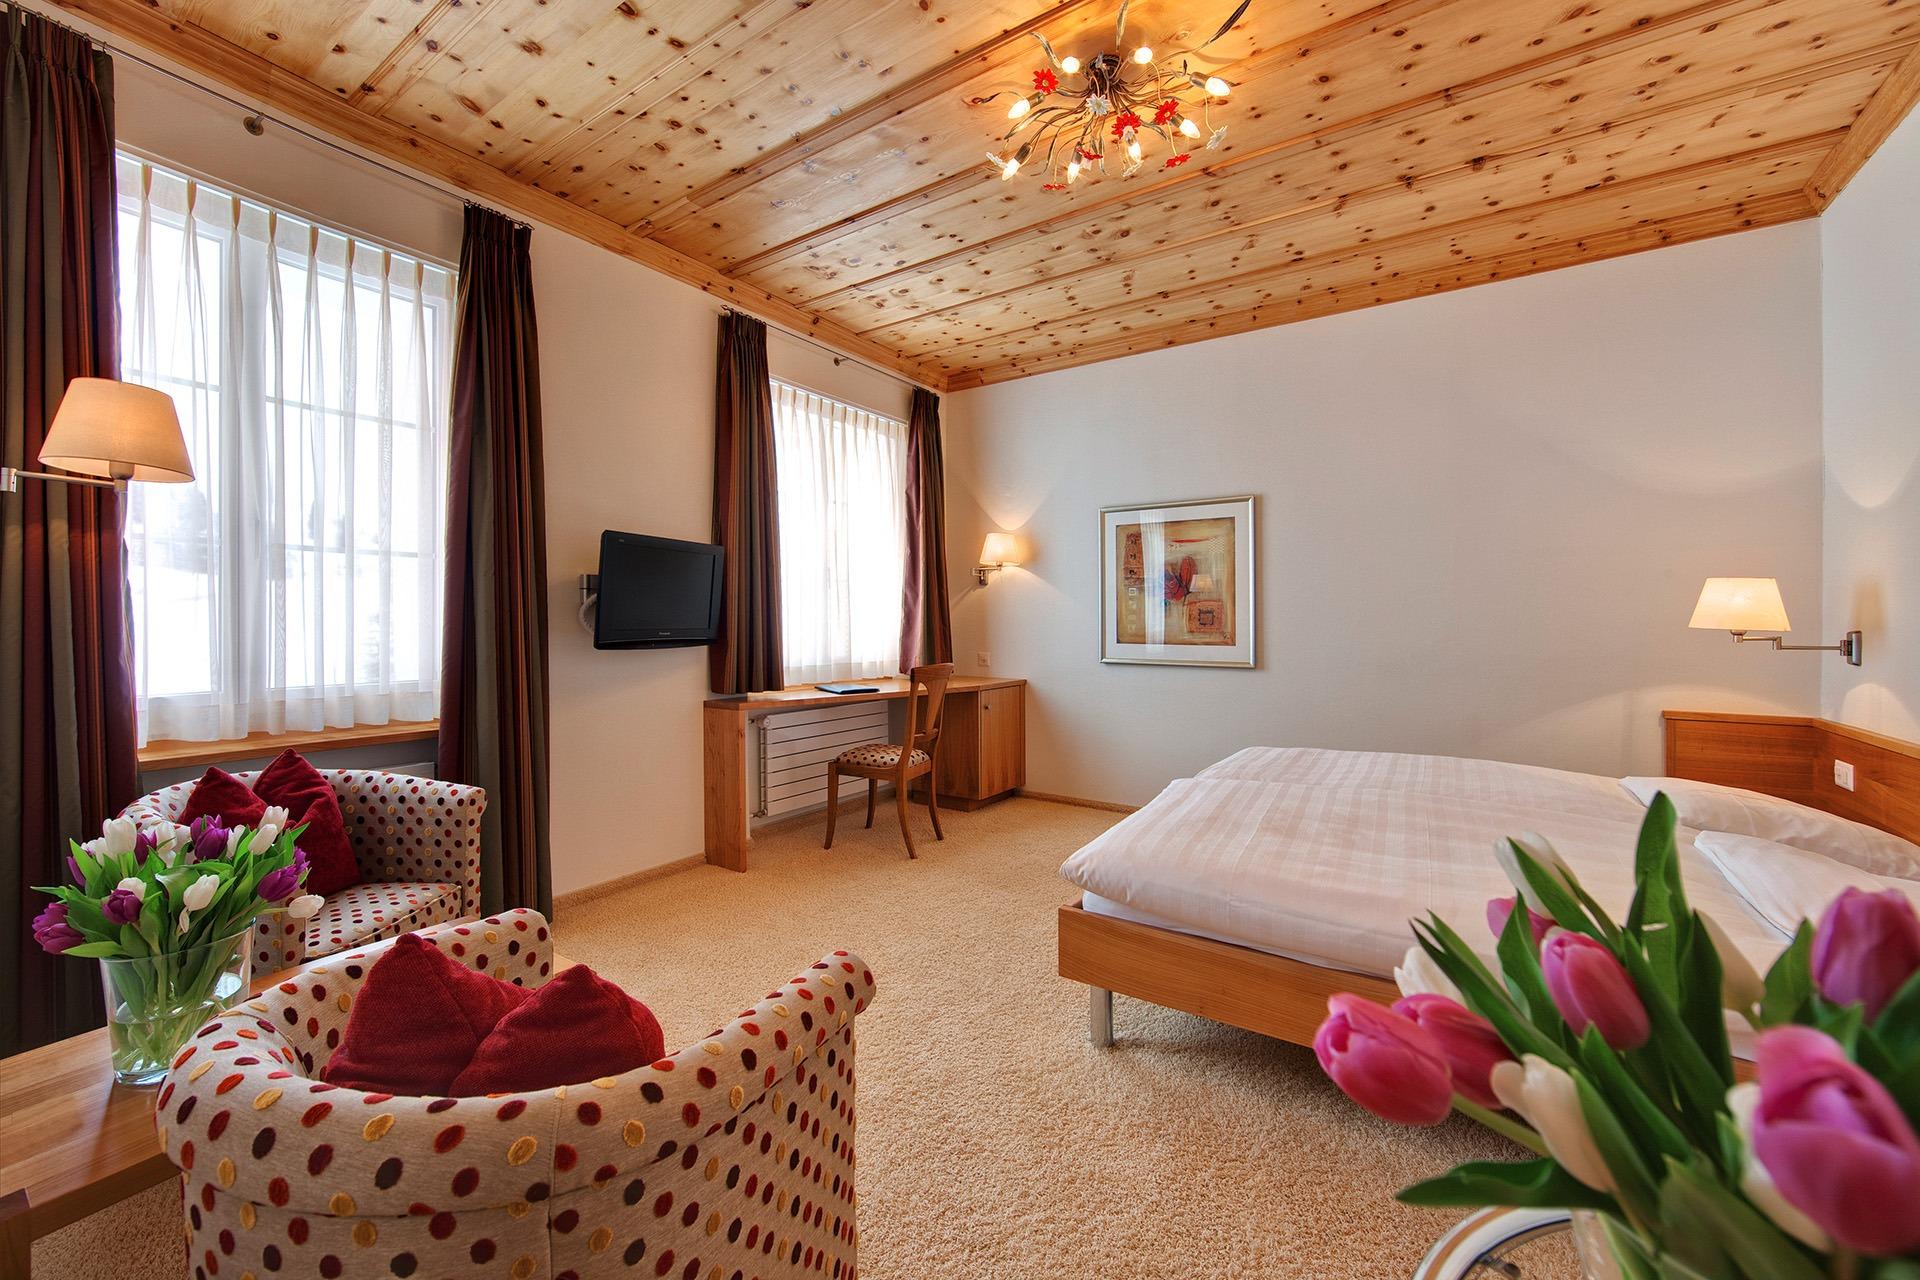 Doppelzimmer mit bester Ausstattung im Hotel Prätschli in Arosa.